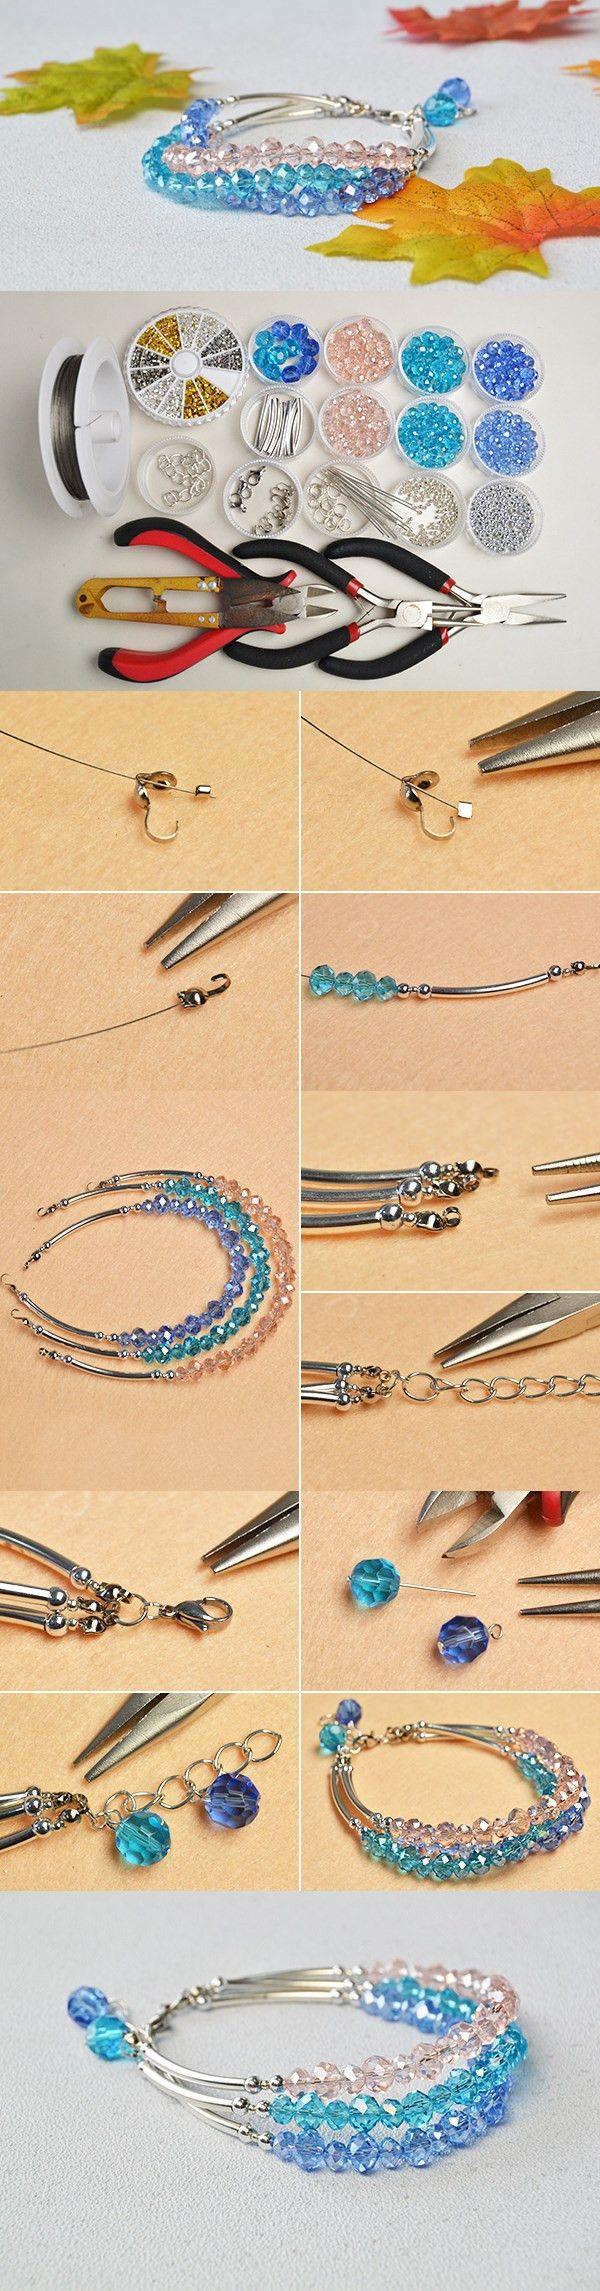 Making Easy Crystal Multi-strand Glass Beaded Bracelet